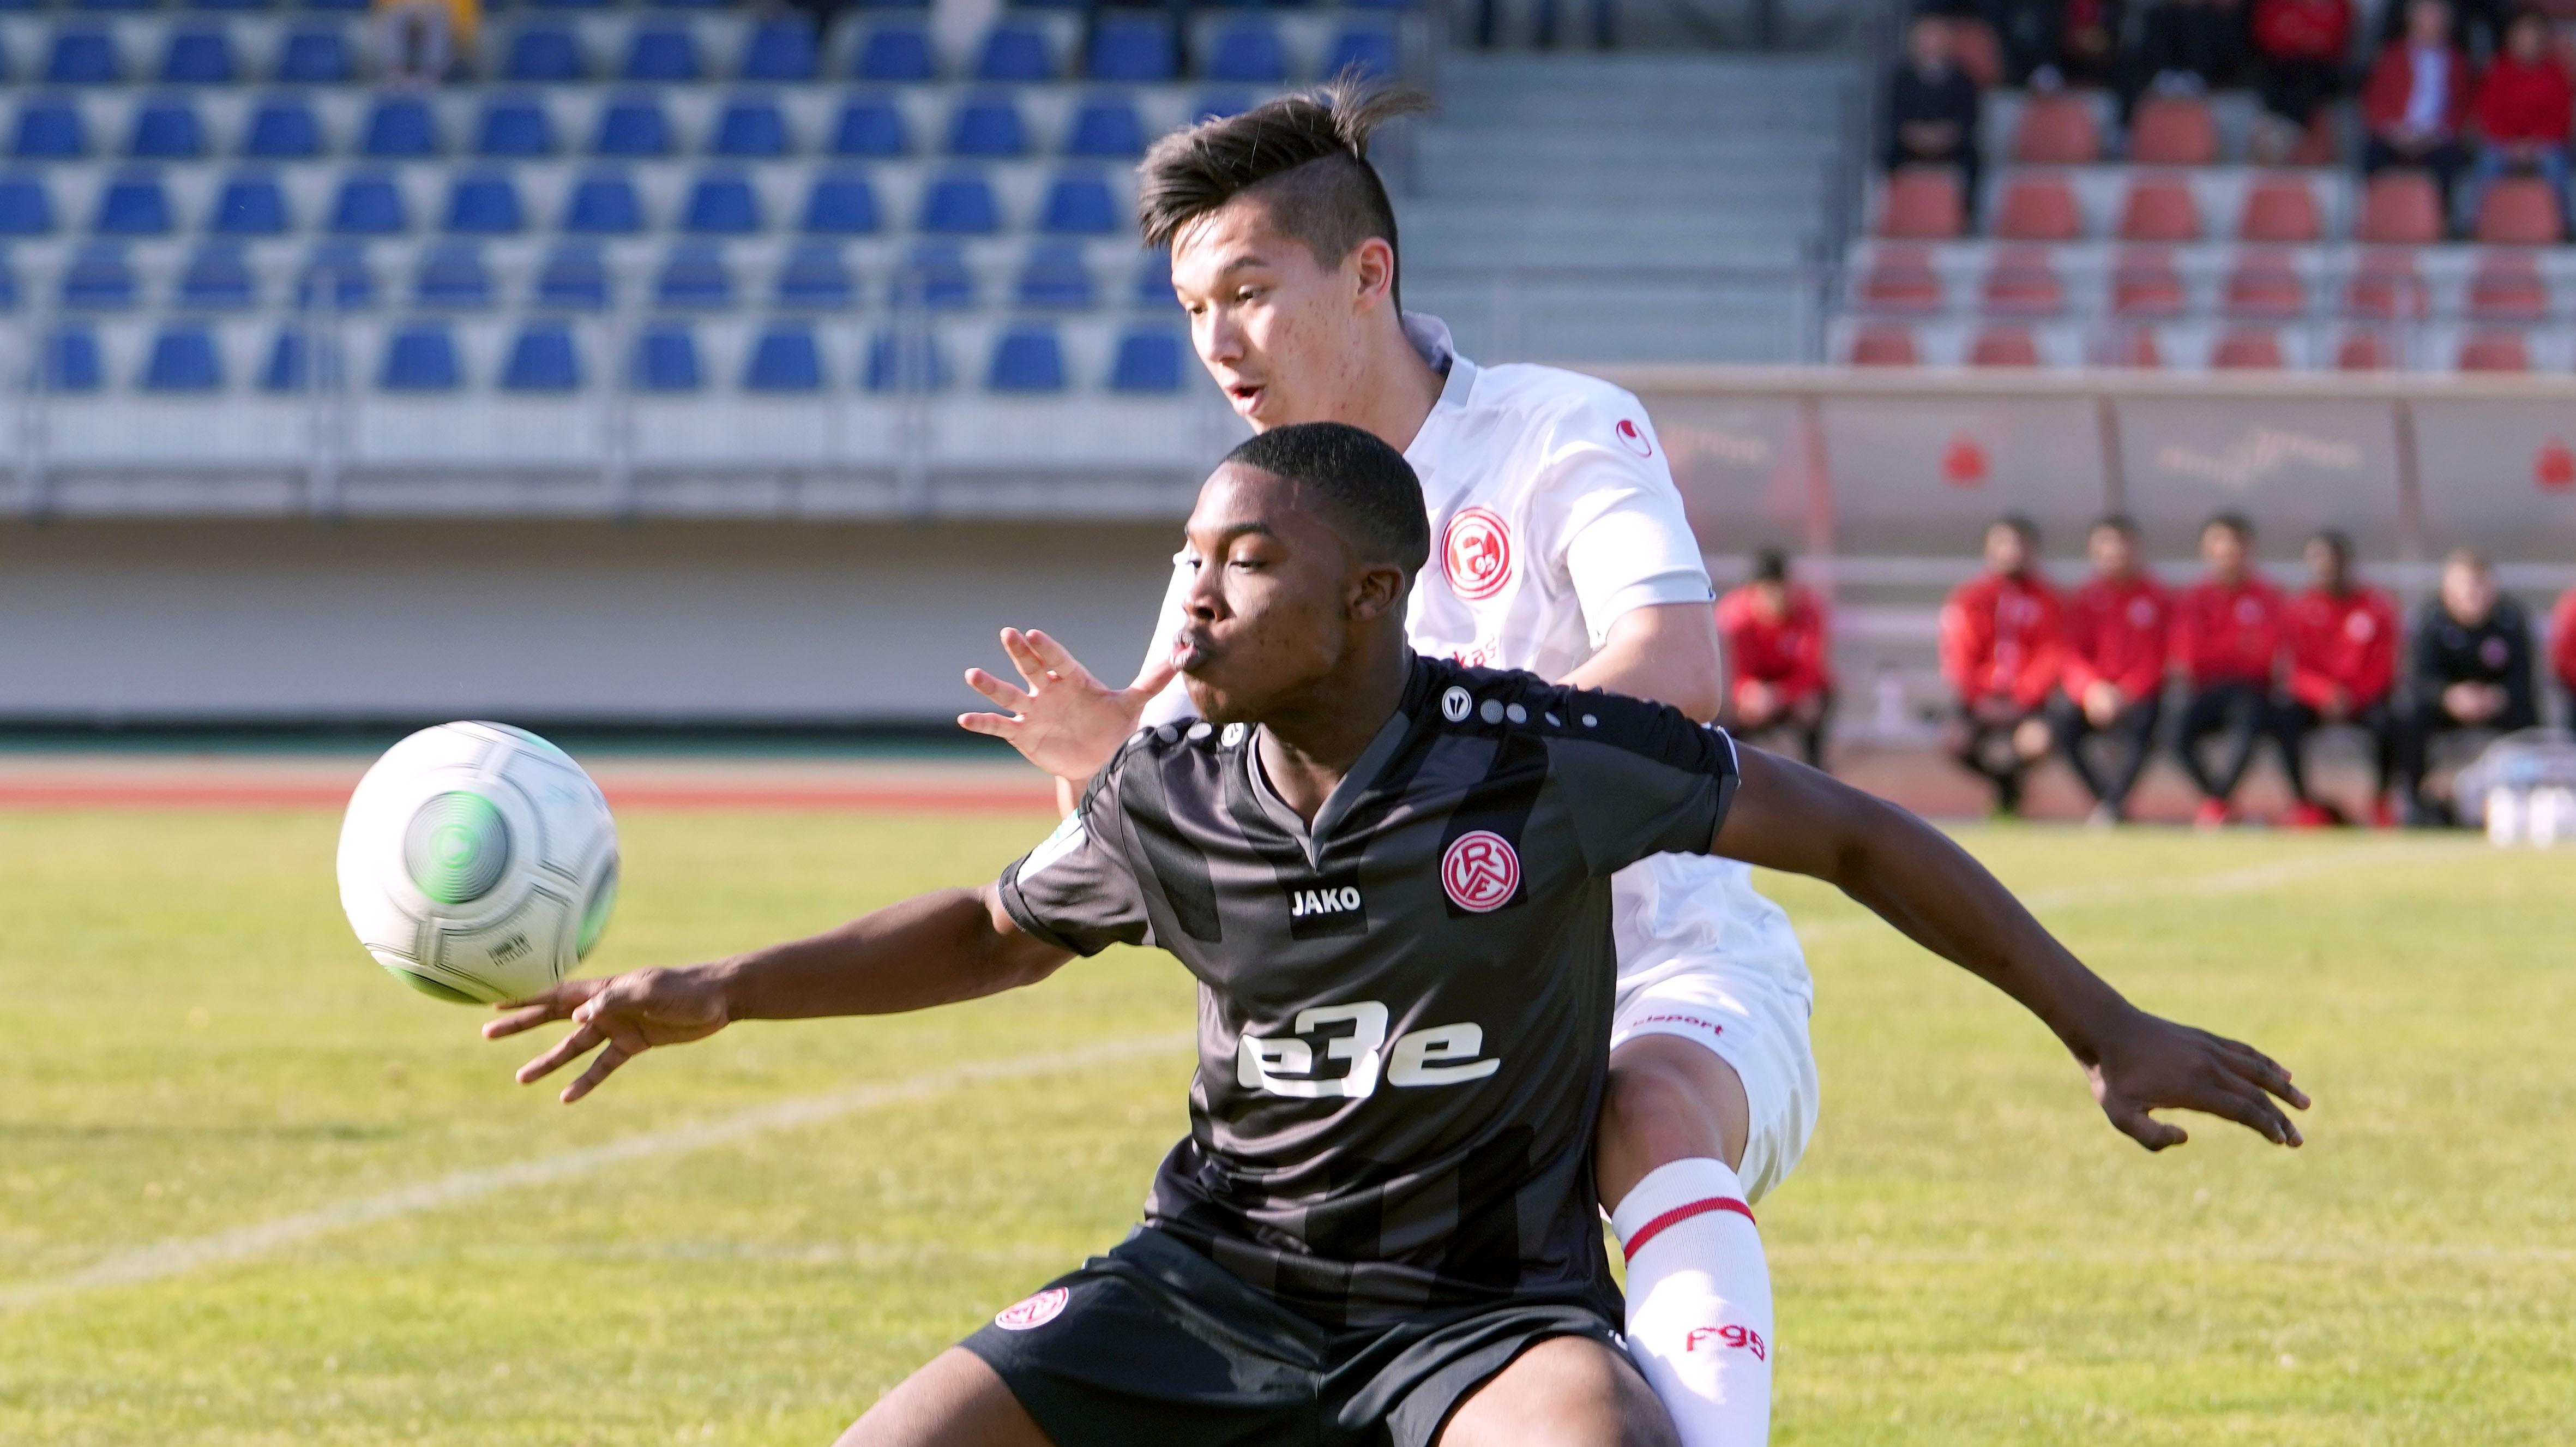 Morgen will der rot-weisse Nachwuchs gegen Borussia Mönchengladbach punkten. (Foto: Gohl)